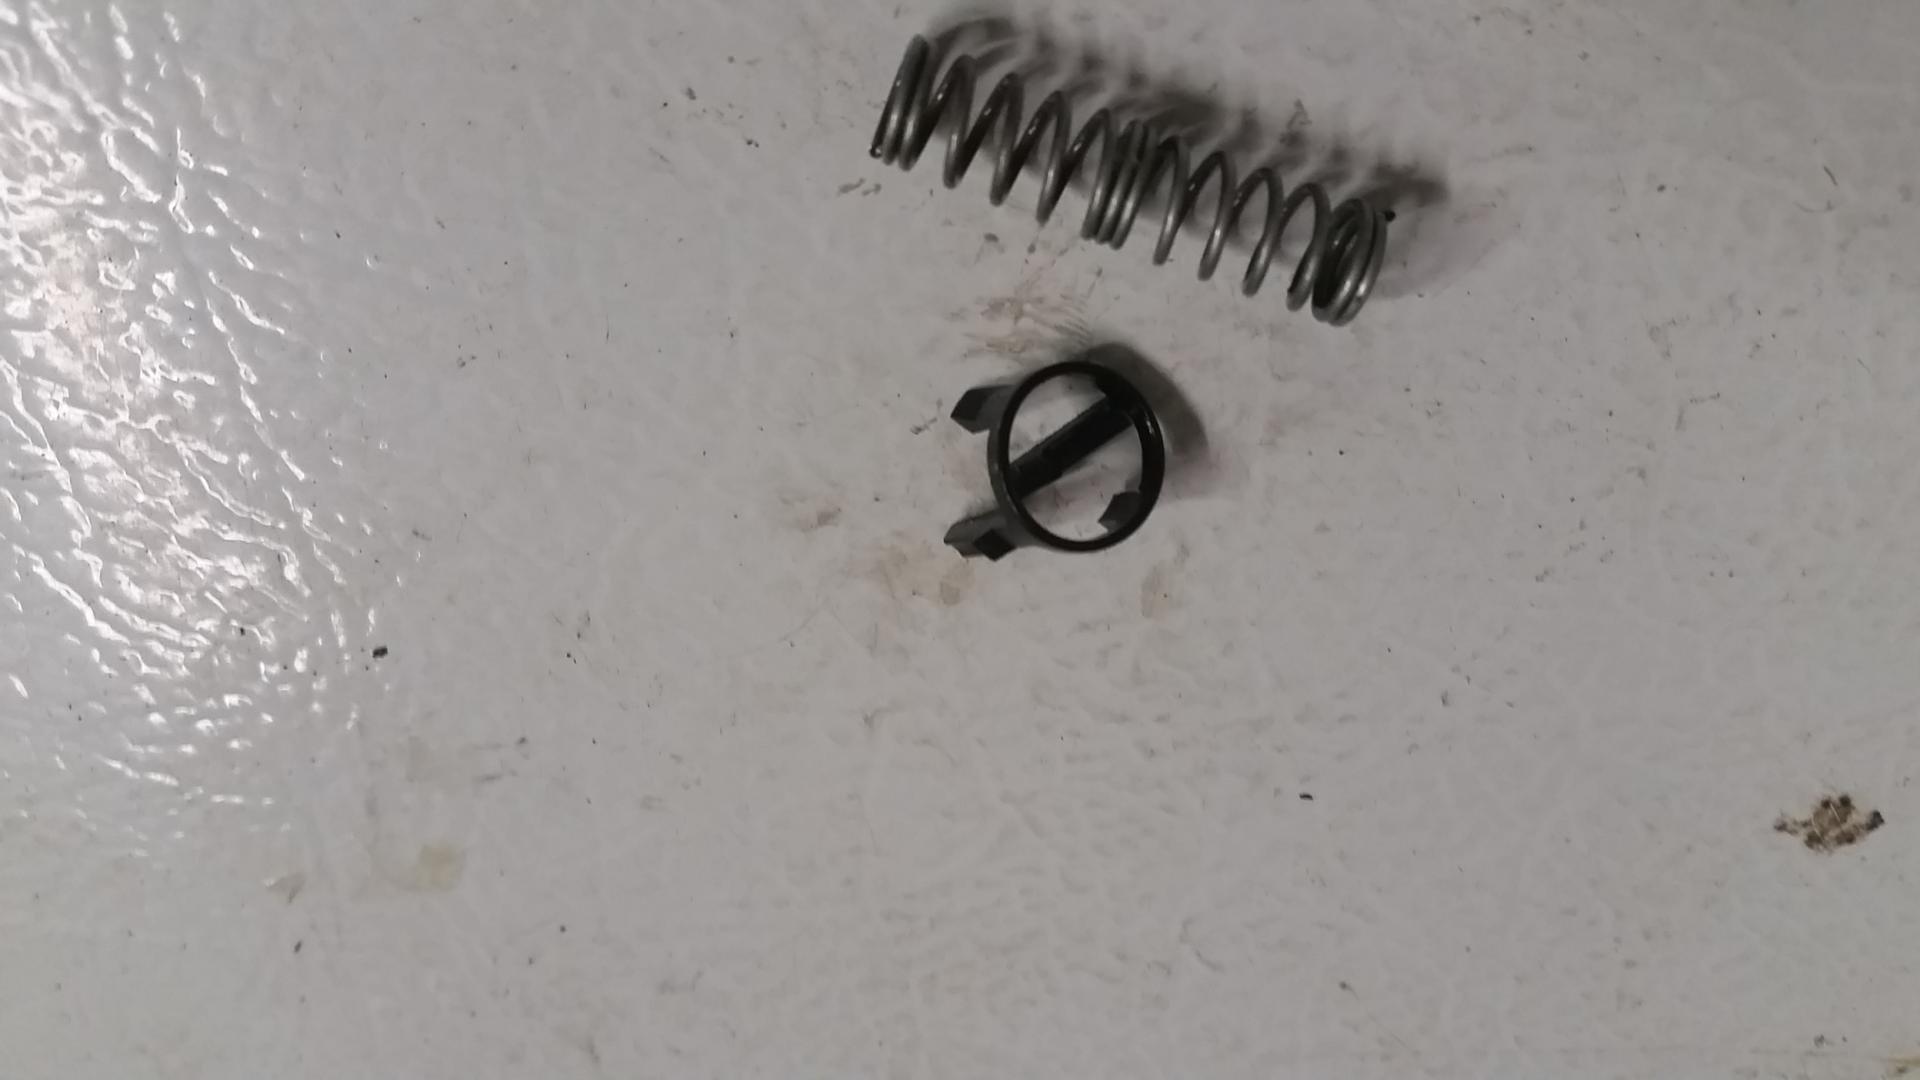 oil filter holding rod broken